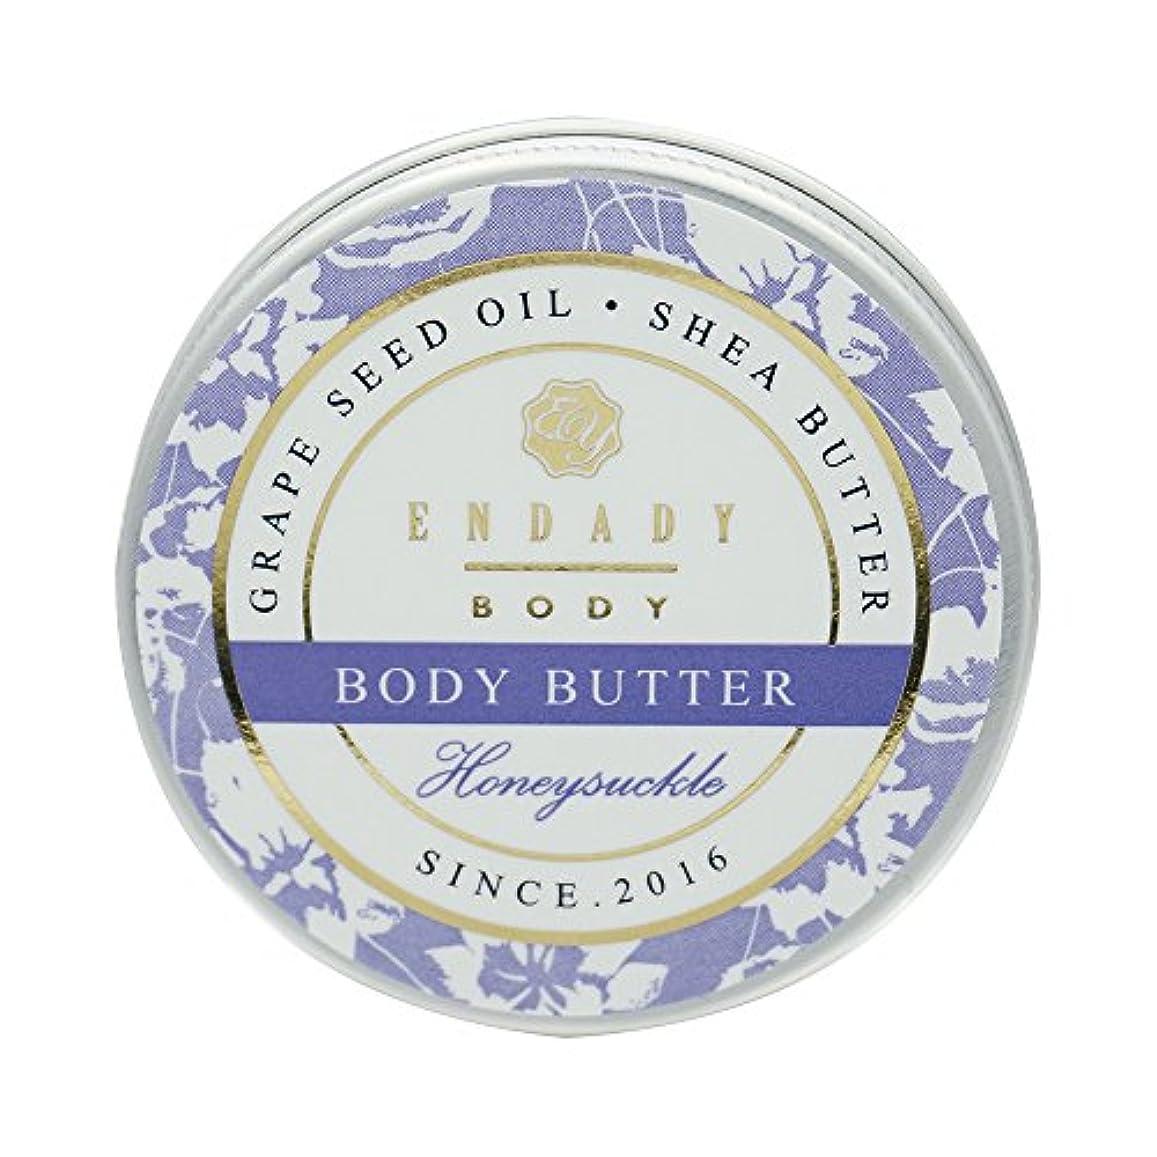 行進輝くフライトエンダディ ボディ メルティング バター 〈ハニーサックルの香り〉 (50g)